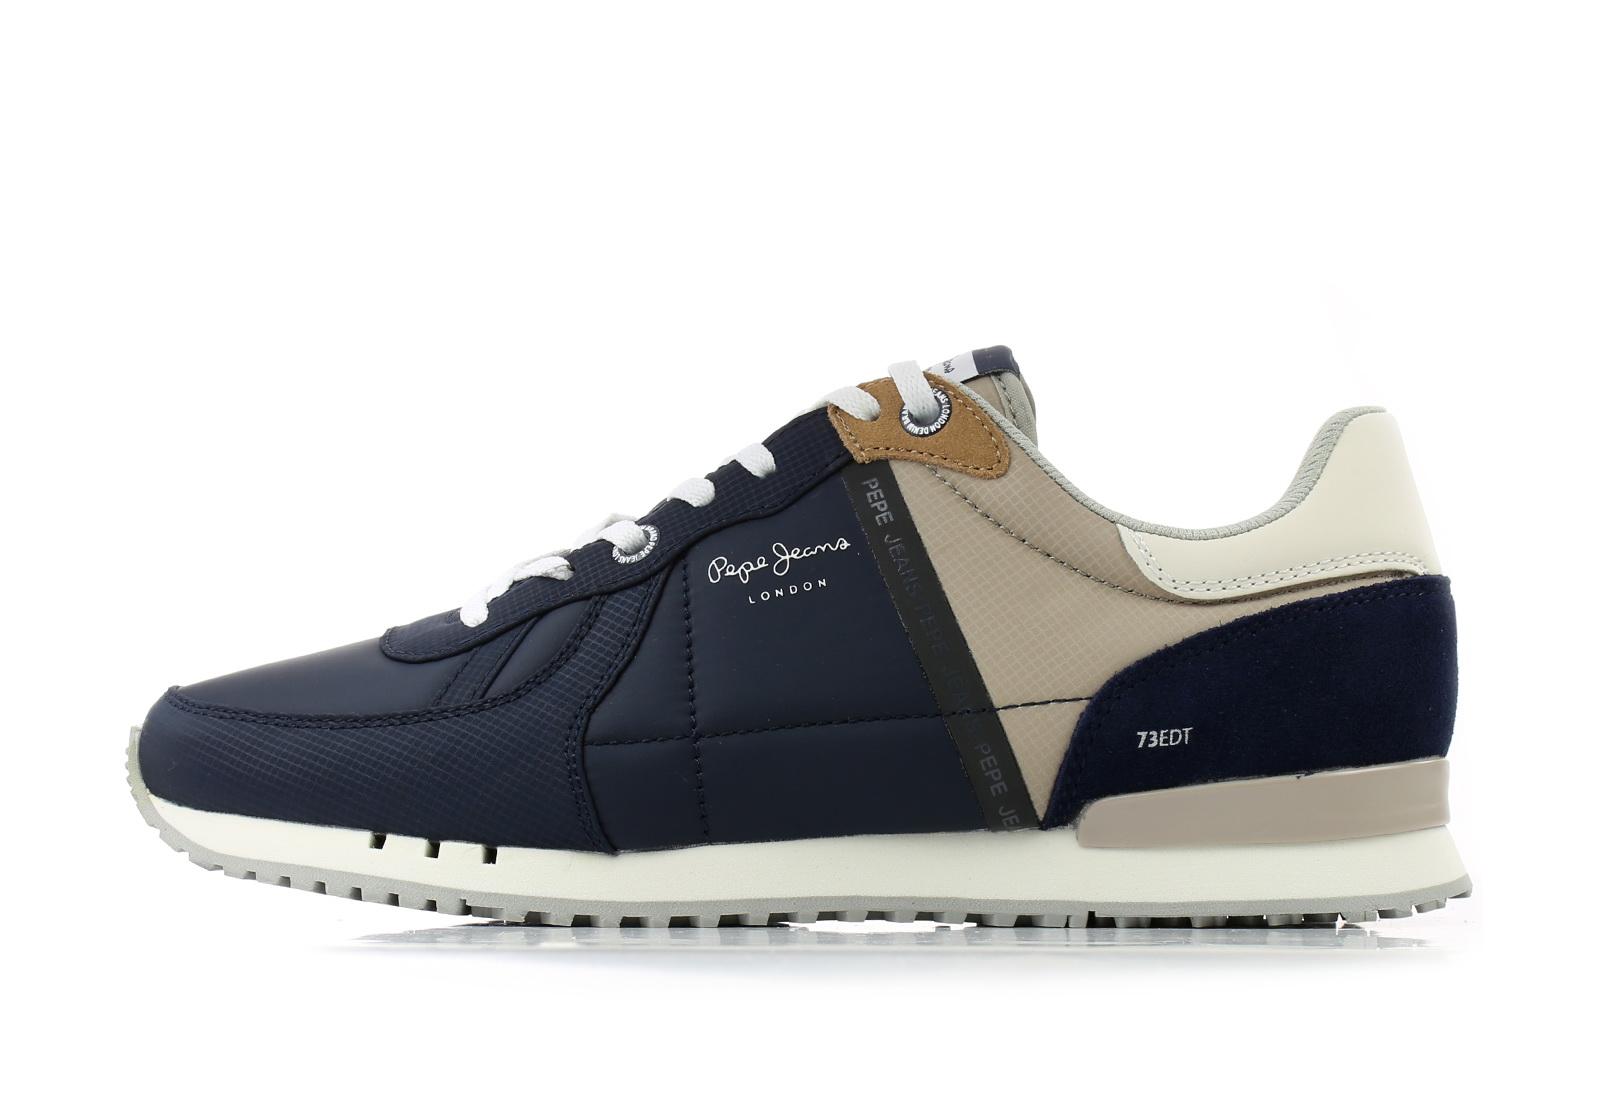 Pepe Jeans Cipő - Pms30509 - PMS30509582 - Office Shoes Magyarország c5a260f94a